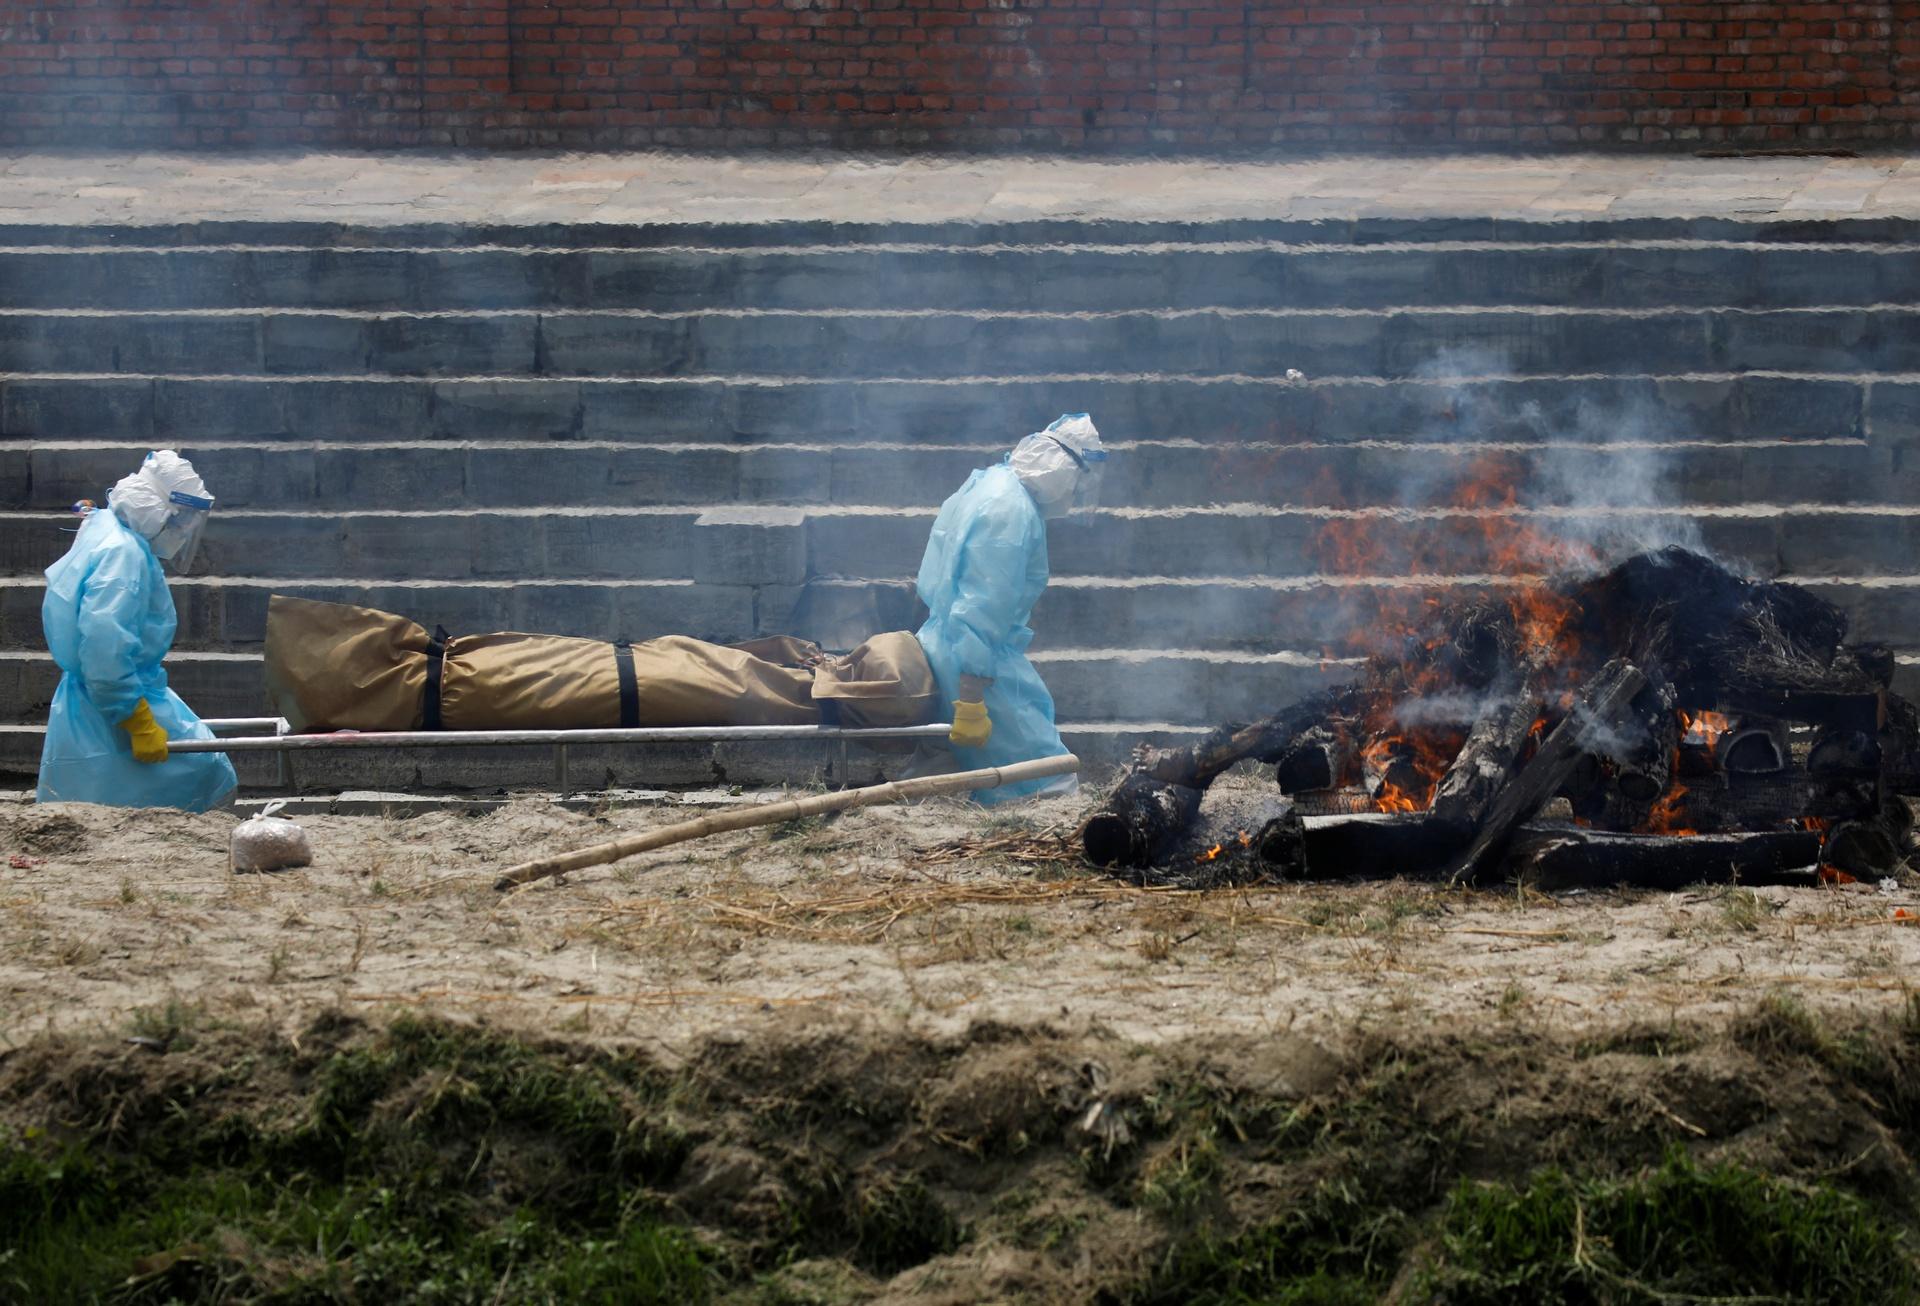 Sau Ấn Độ, nhà hỏa táng ở Nepal cũng hết chỗ, phải thiêu người chết vì Covid-19 ngoài trời: 'Tình hình thật sự đáng sợ, cả trẻ em và thanh niên cũng lâm vào tình trạng nguy kịch' - Ảnh 3